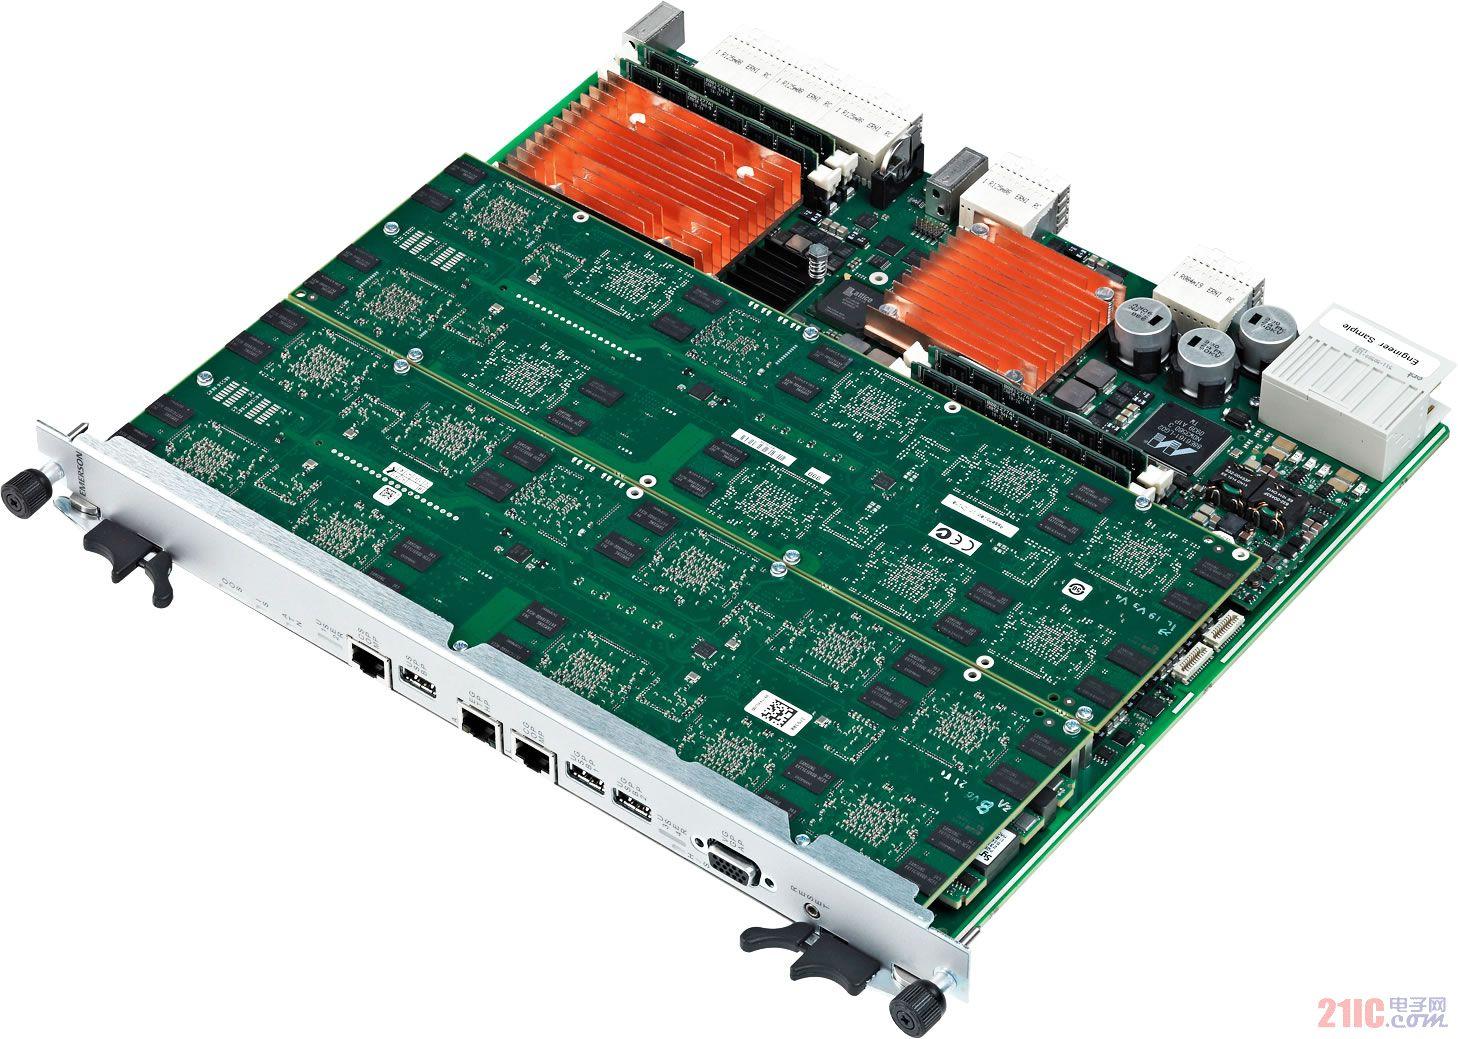 艾默生网络能源推出业界最高密度的ATCA媒体处理刀片系统